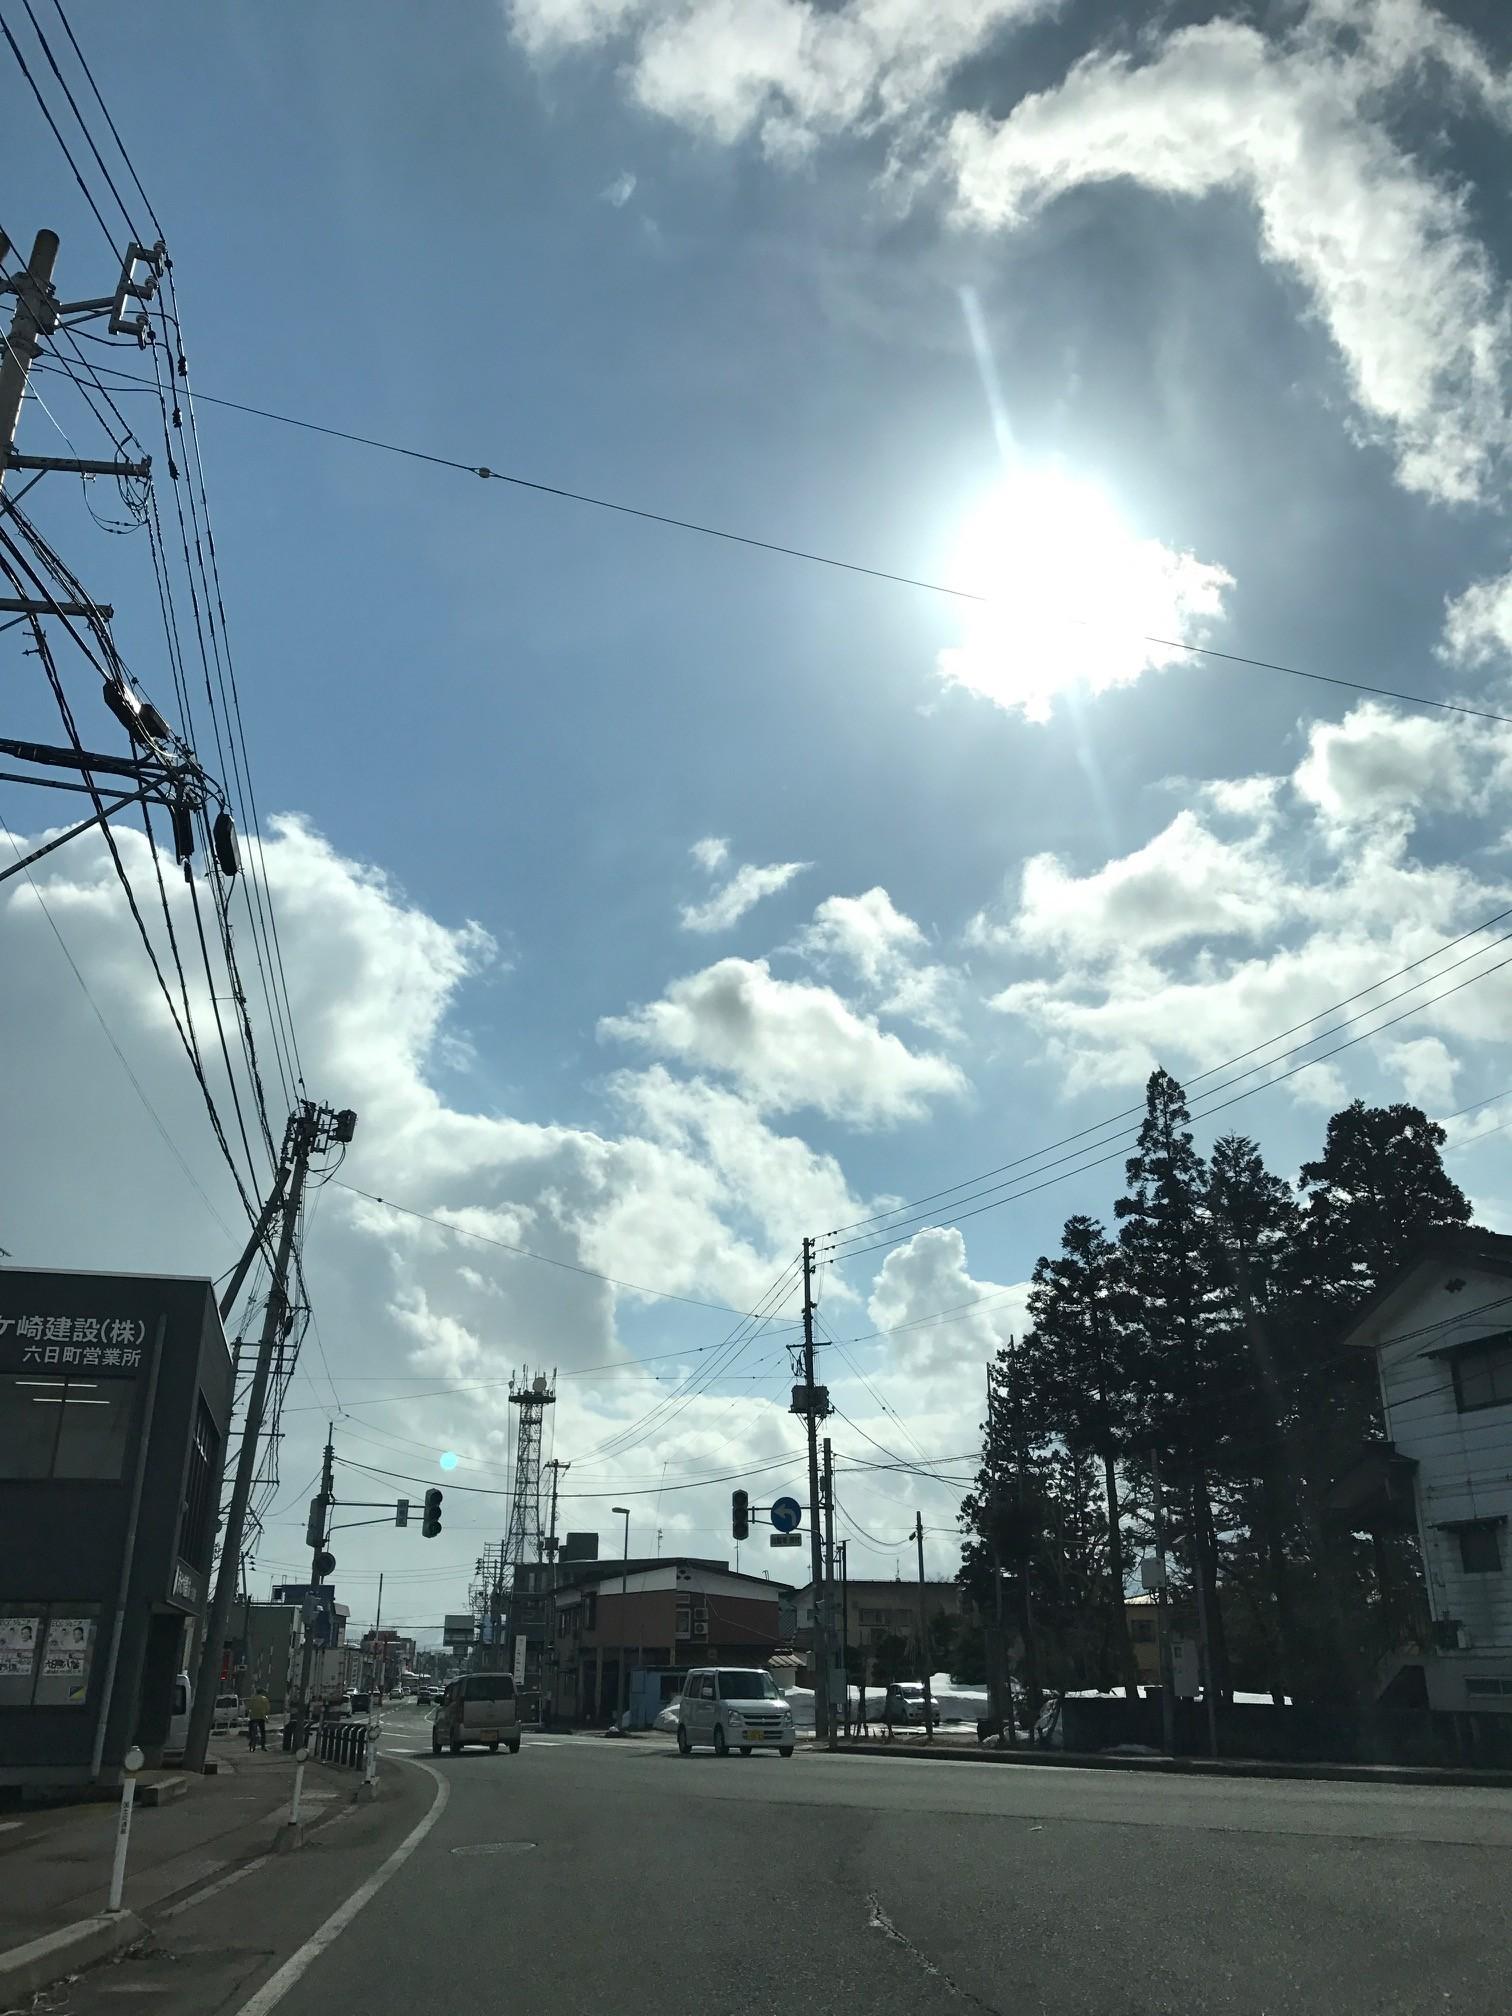 2017.3.16 PM2:33 六日町美佐島交差点